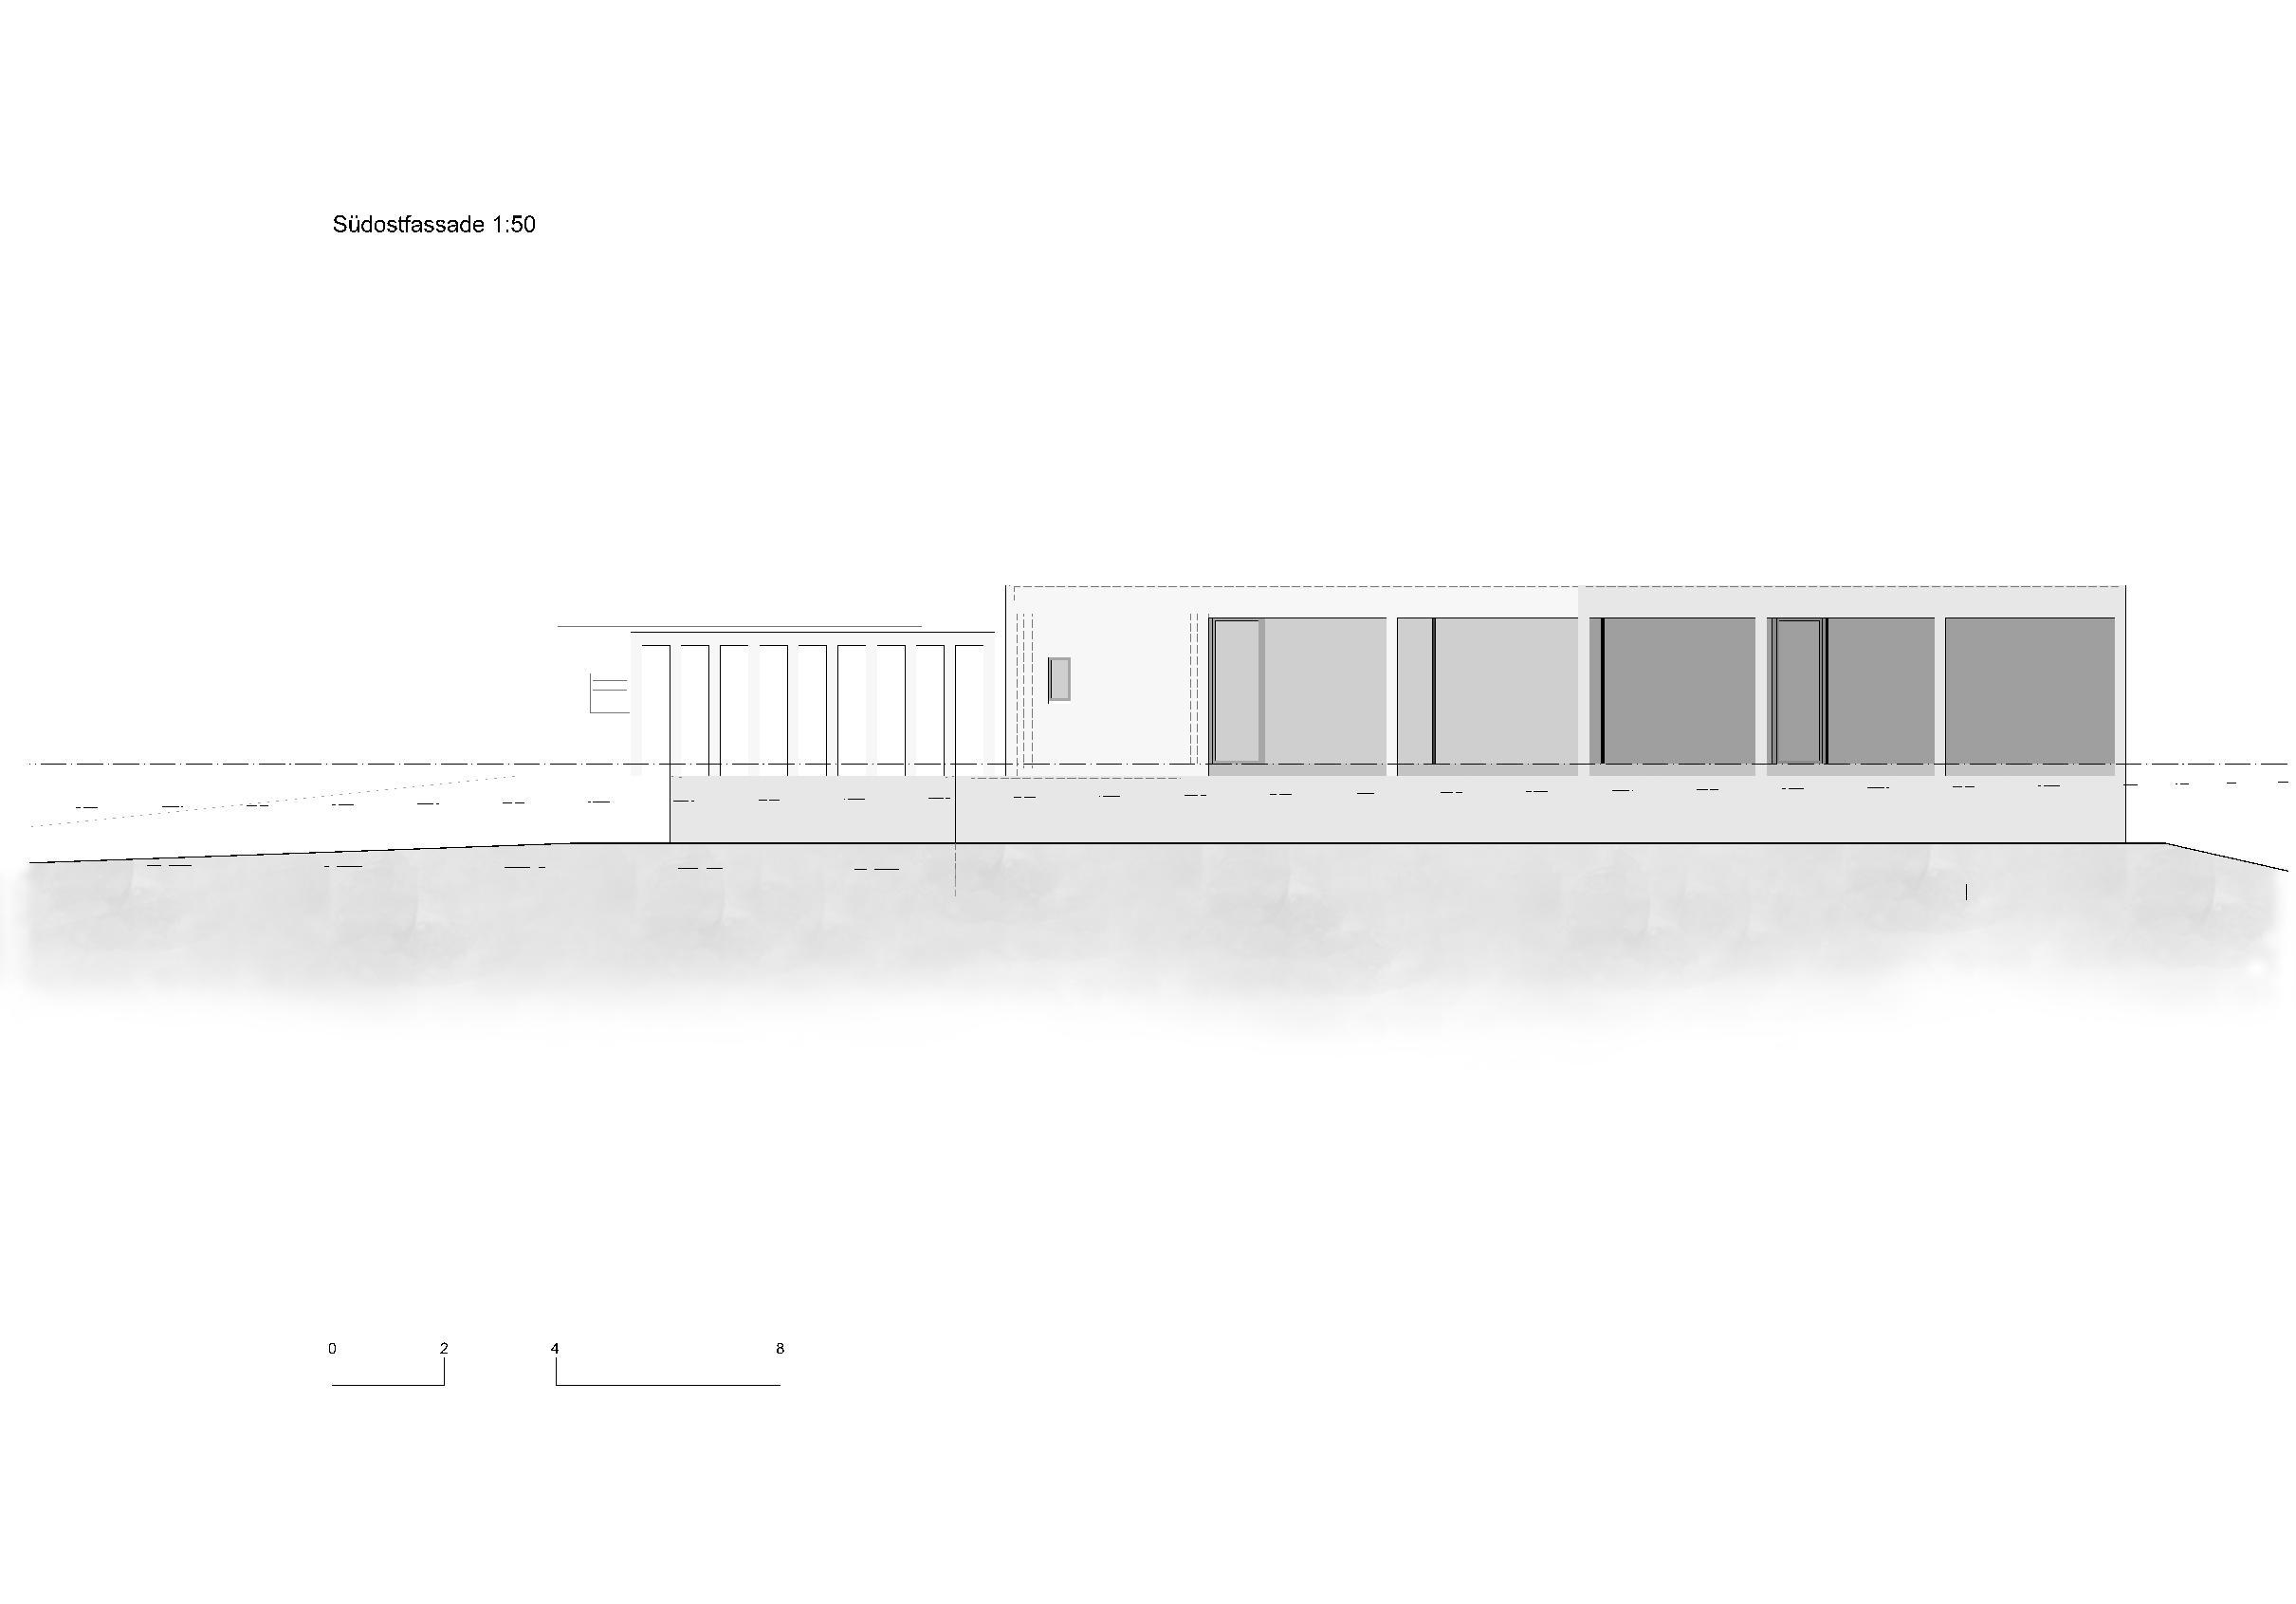 Südostfassade 1:50 Ersatzneubau - Bungalow Mediterrano von Studio Baumann